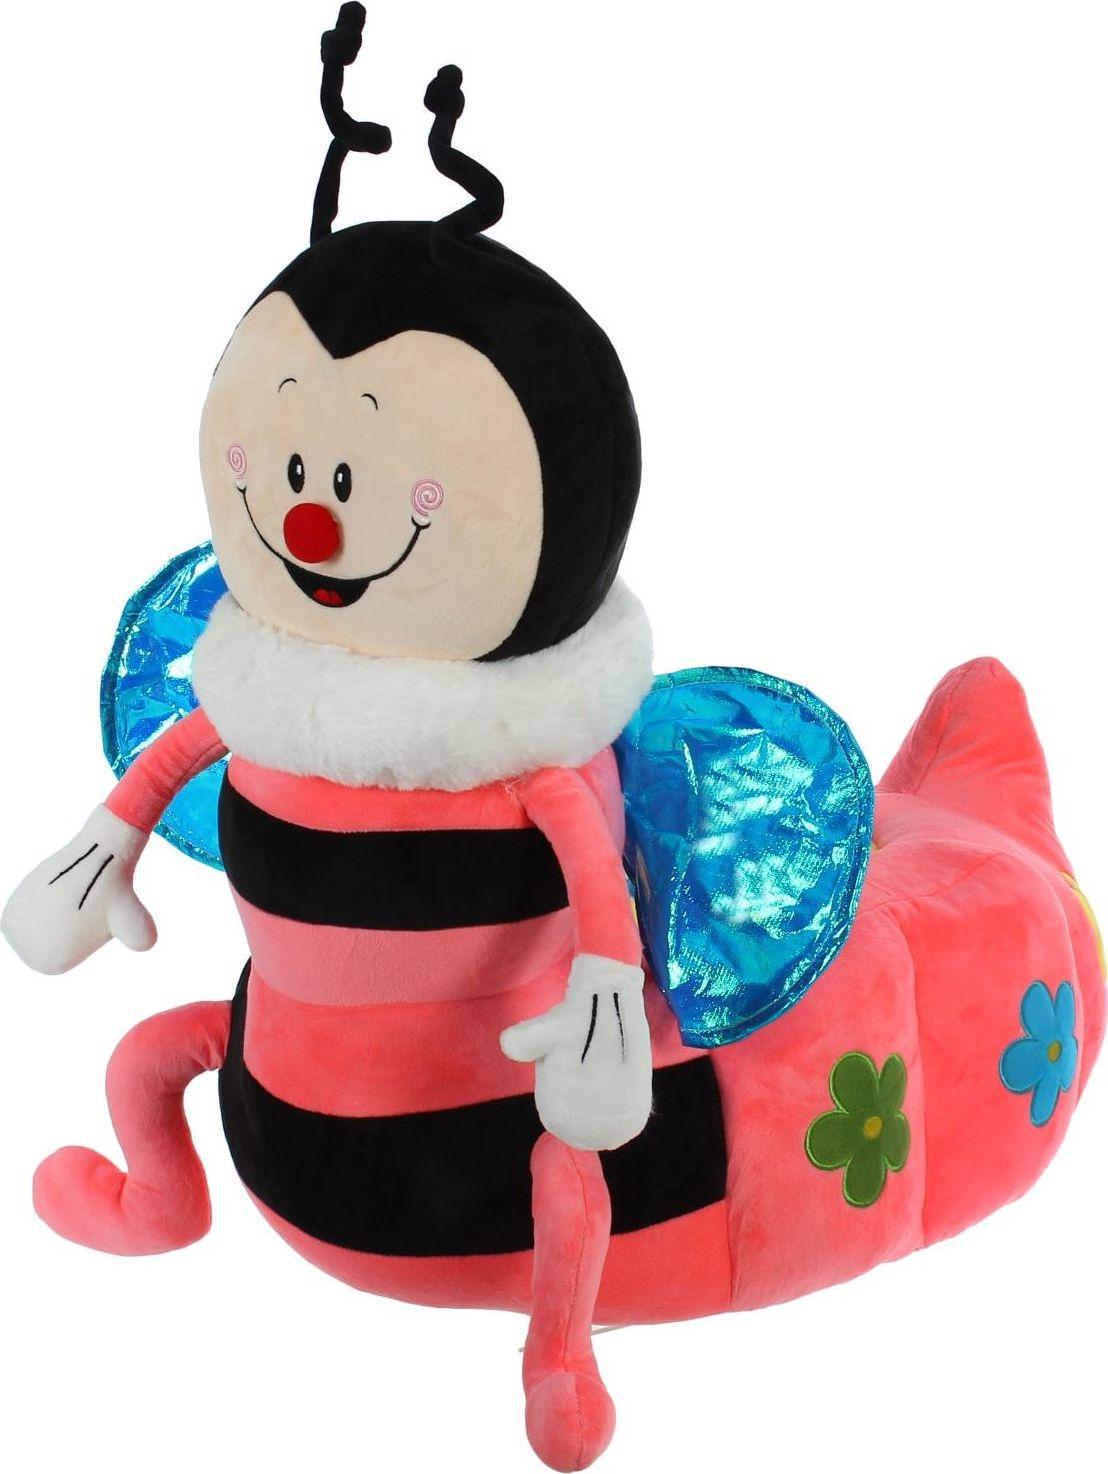 Sima-land Мягкая игрушка-кресло Пчелка цвет черный розовый мягкая игрушка sima land овечка на присосках 18 см 332770